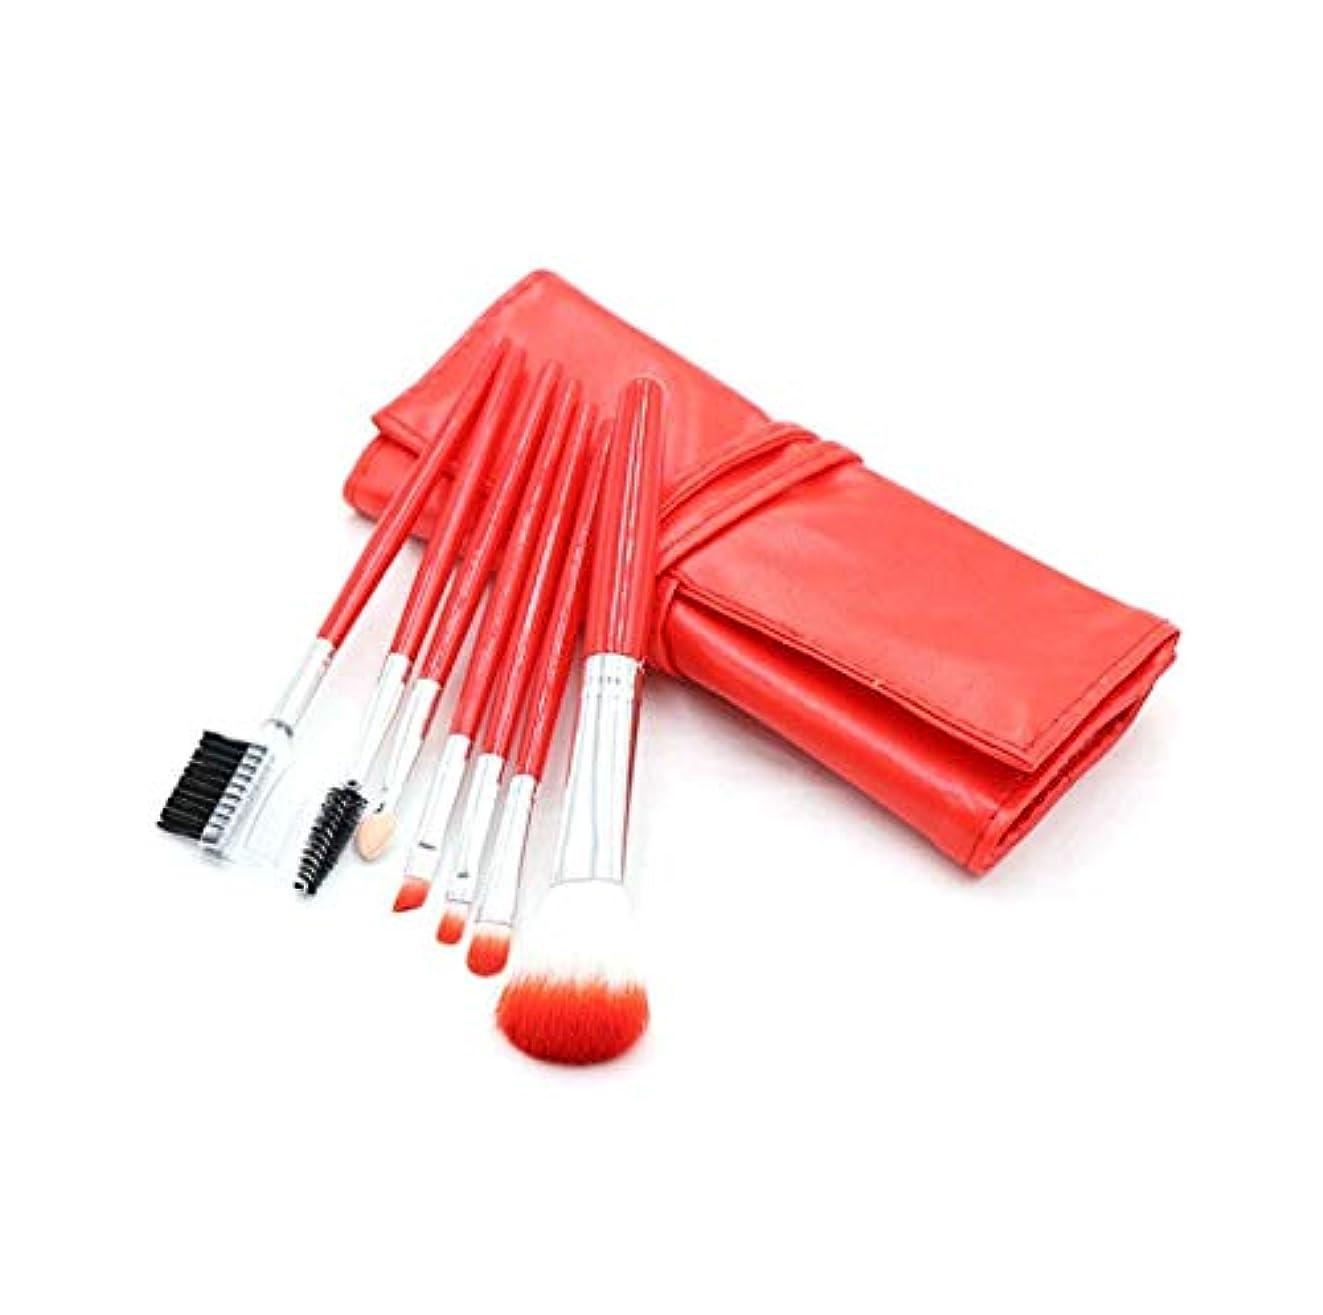 補正肉光化粧ブラシセット、赤7化粧ブラシ化粧ブラシセットアイシャドウブラシリップブラシ美容化粧道具